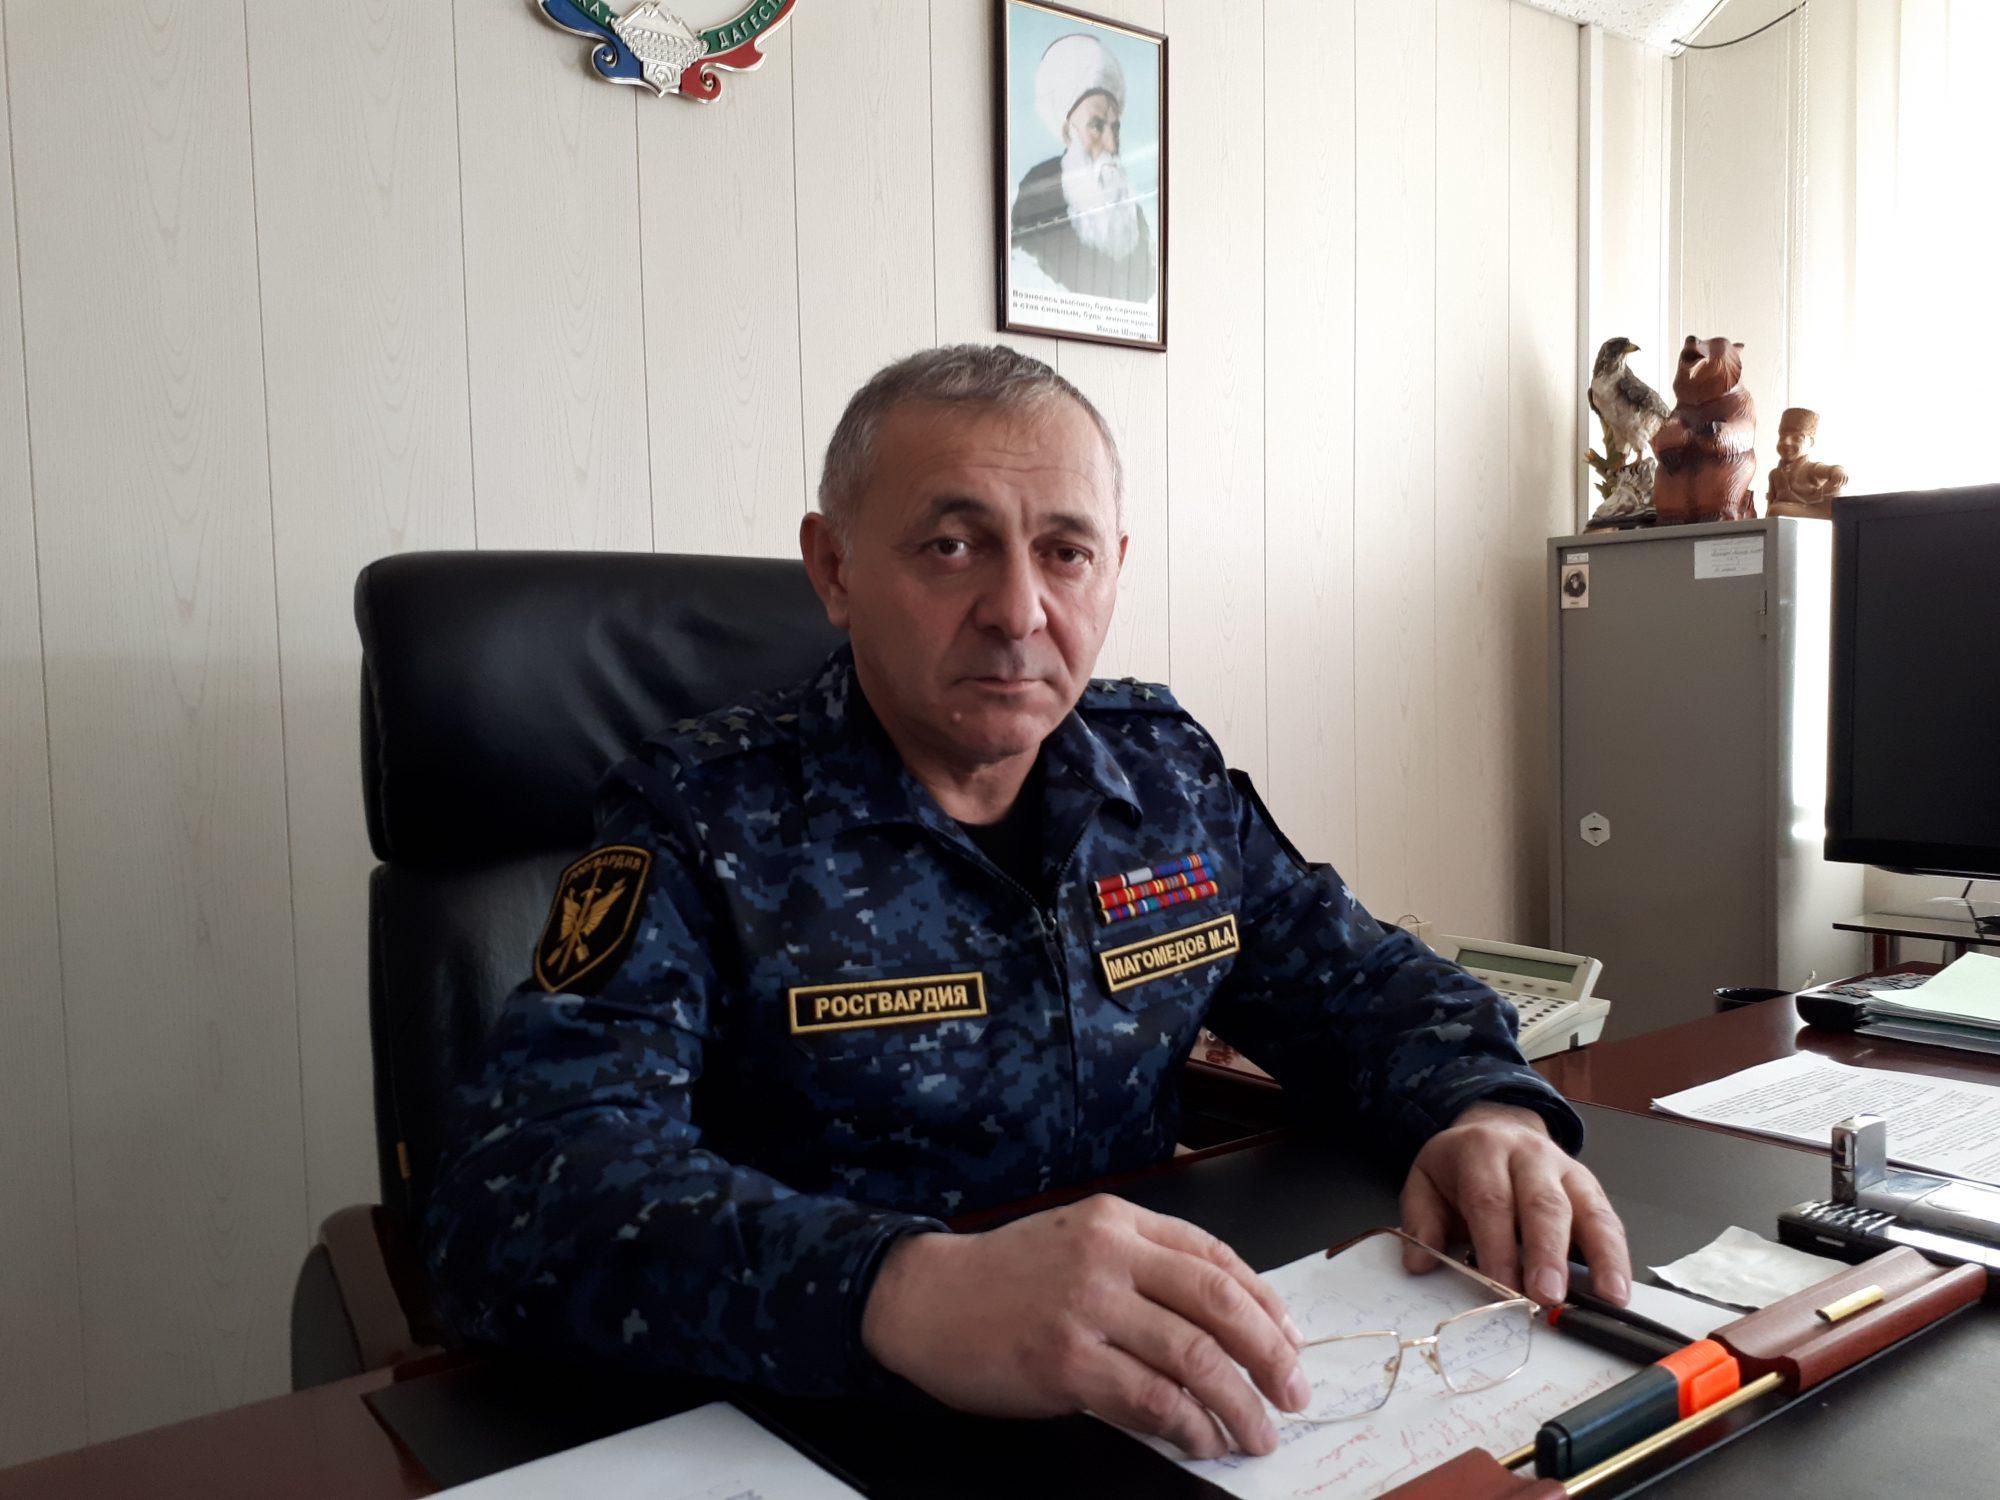 Со щитом или на щите. Дагестанскому СОБРу «Ястреб» - 25 лет